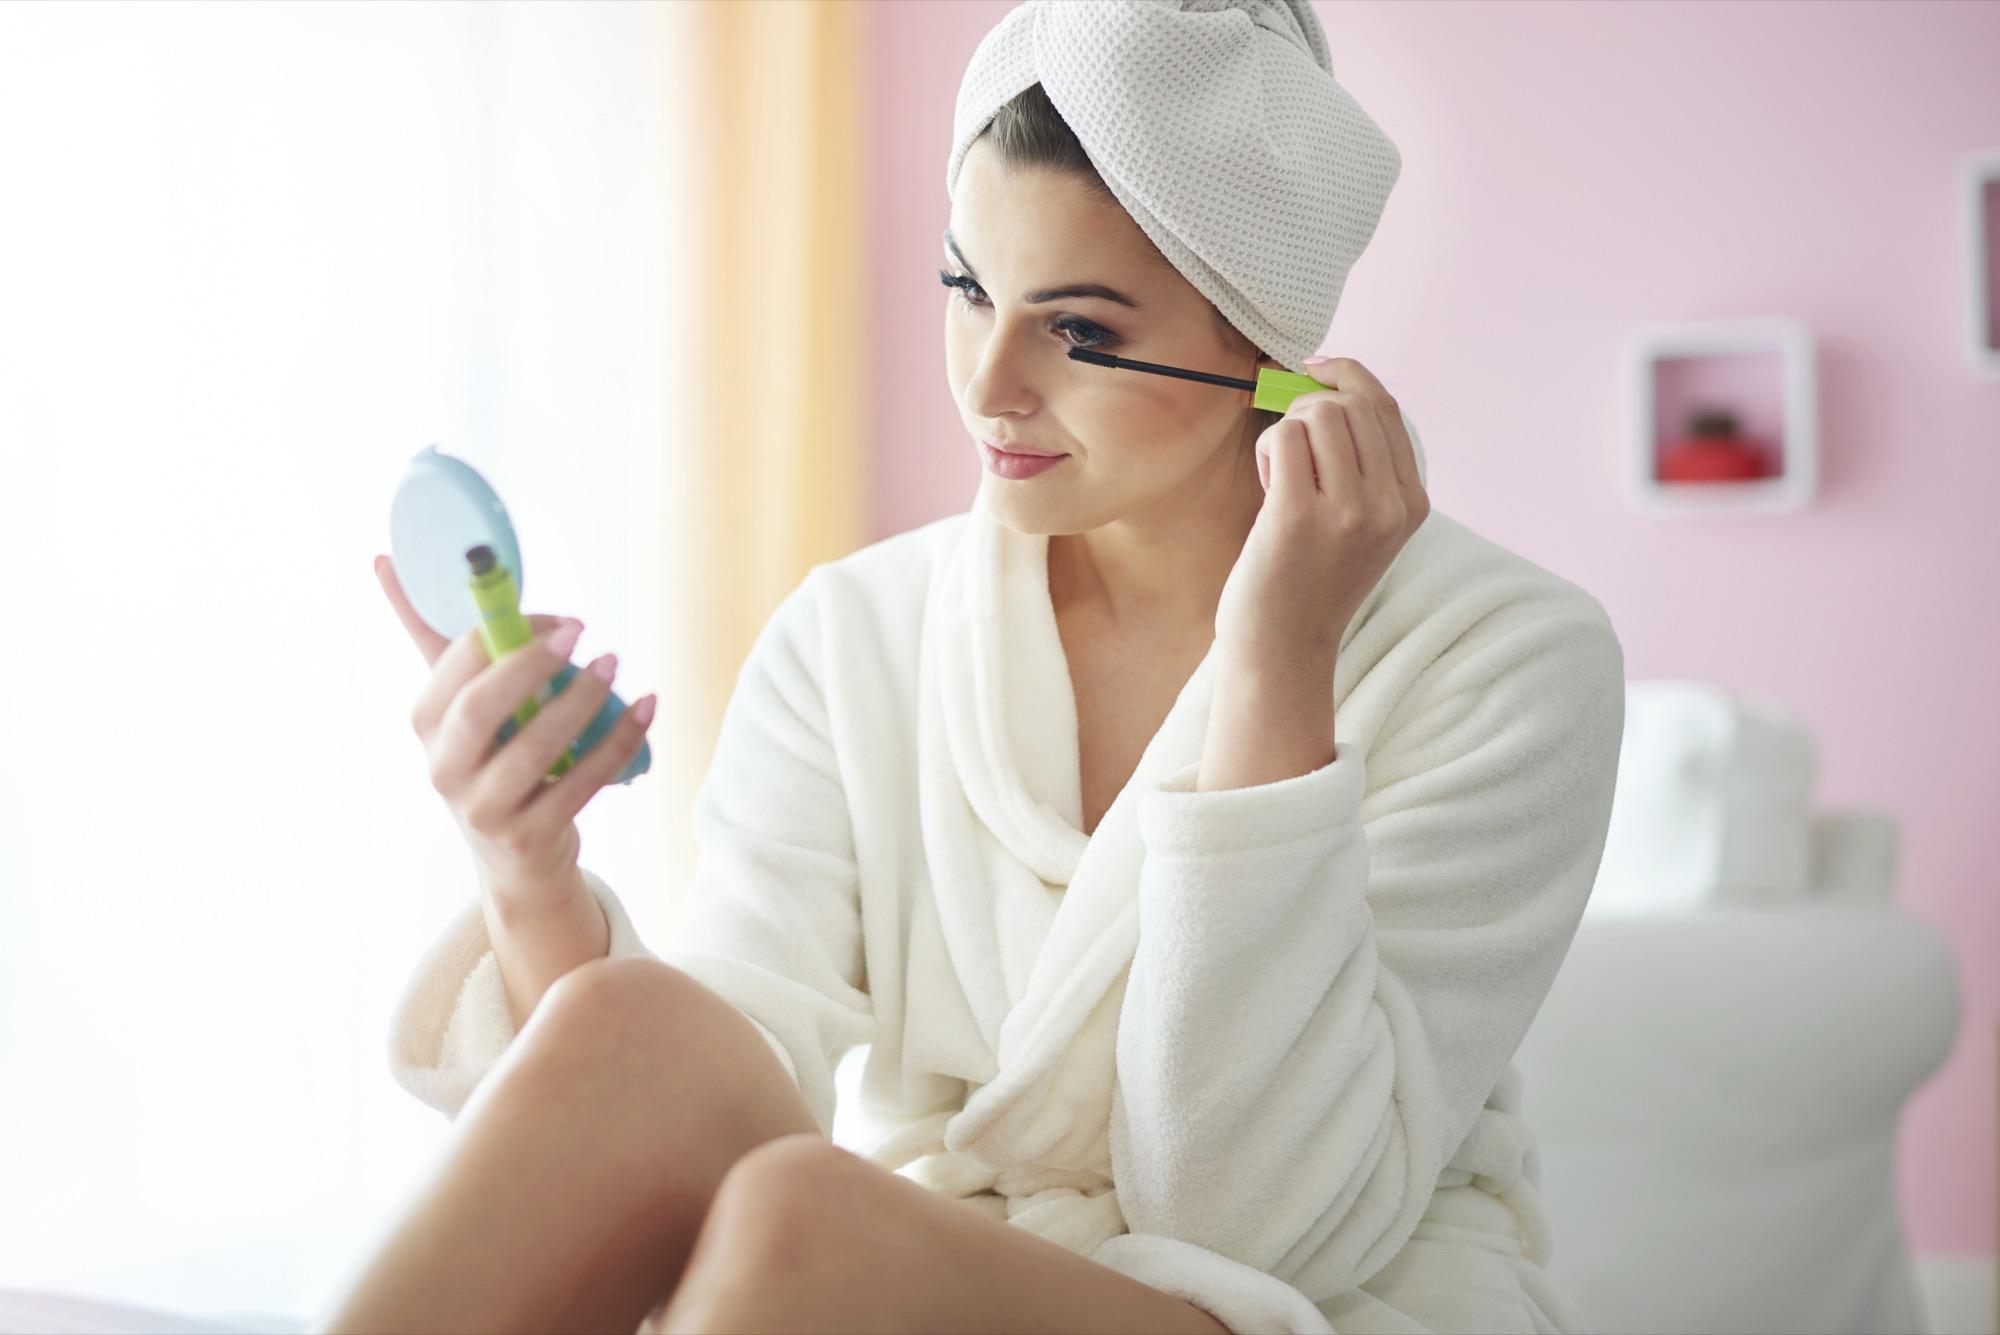 Körperpflege Welche Beauty Produkte braucht man wirklich